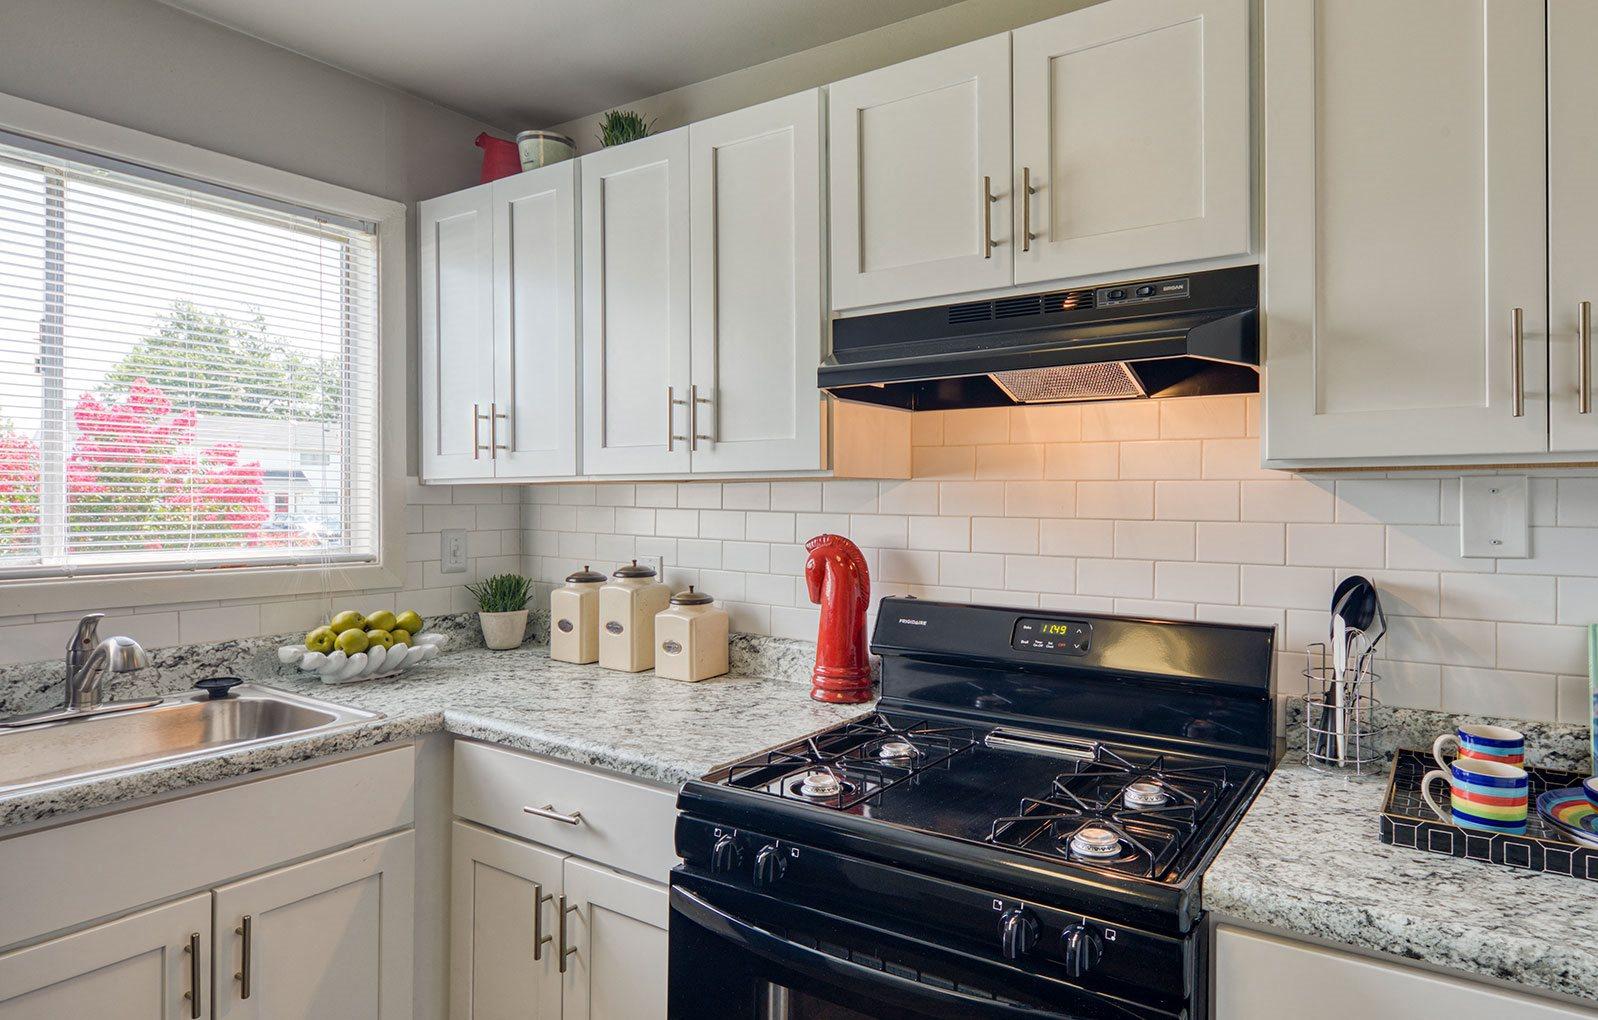 Model_Kitchen_11_North at White Oak